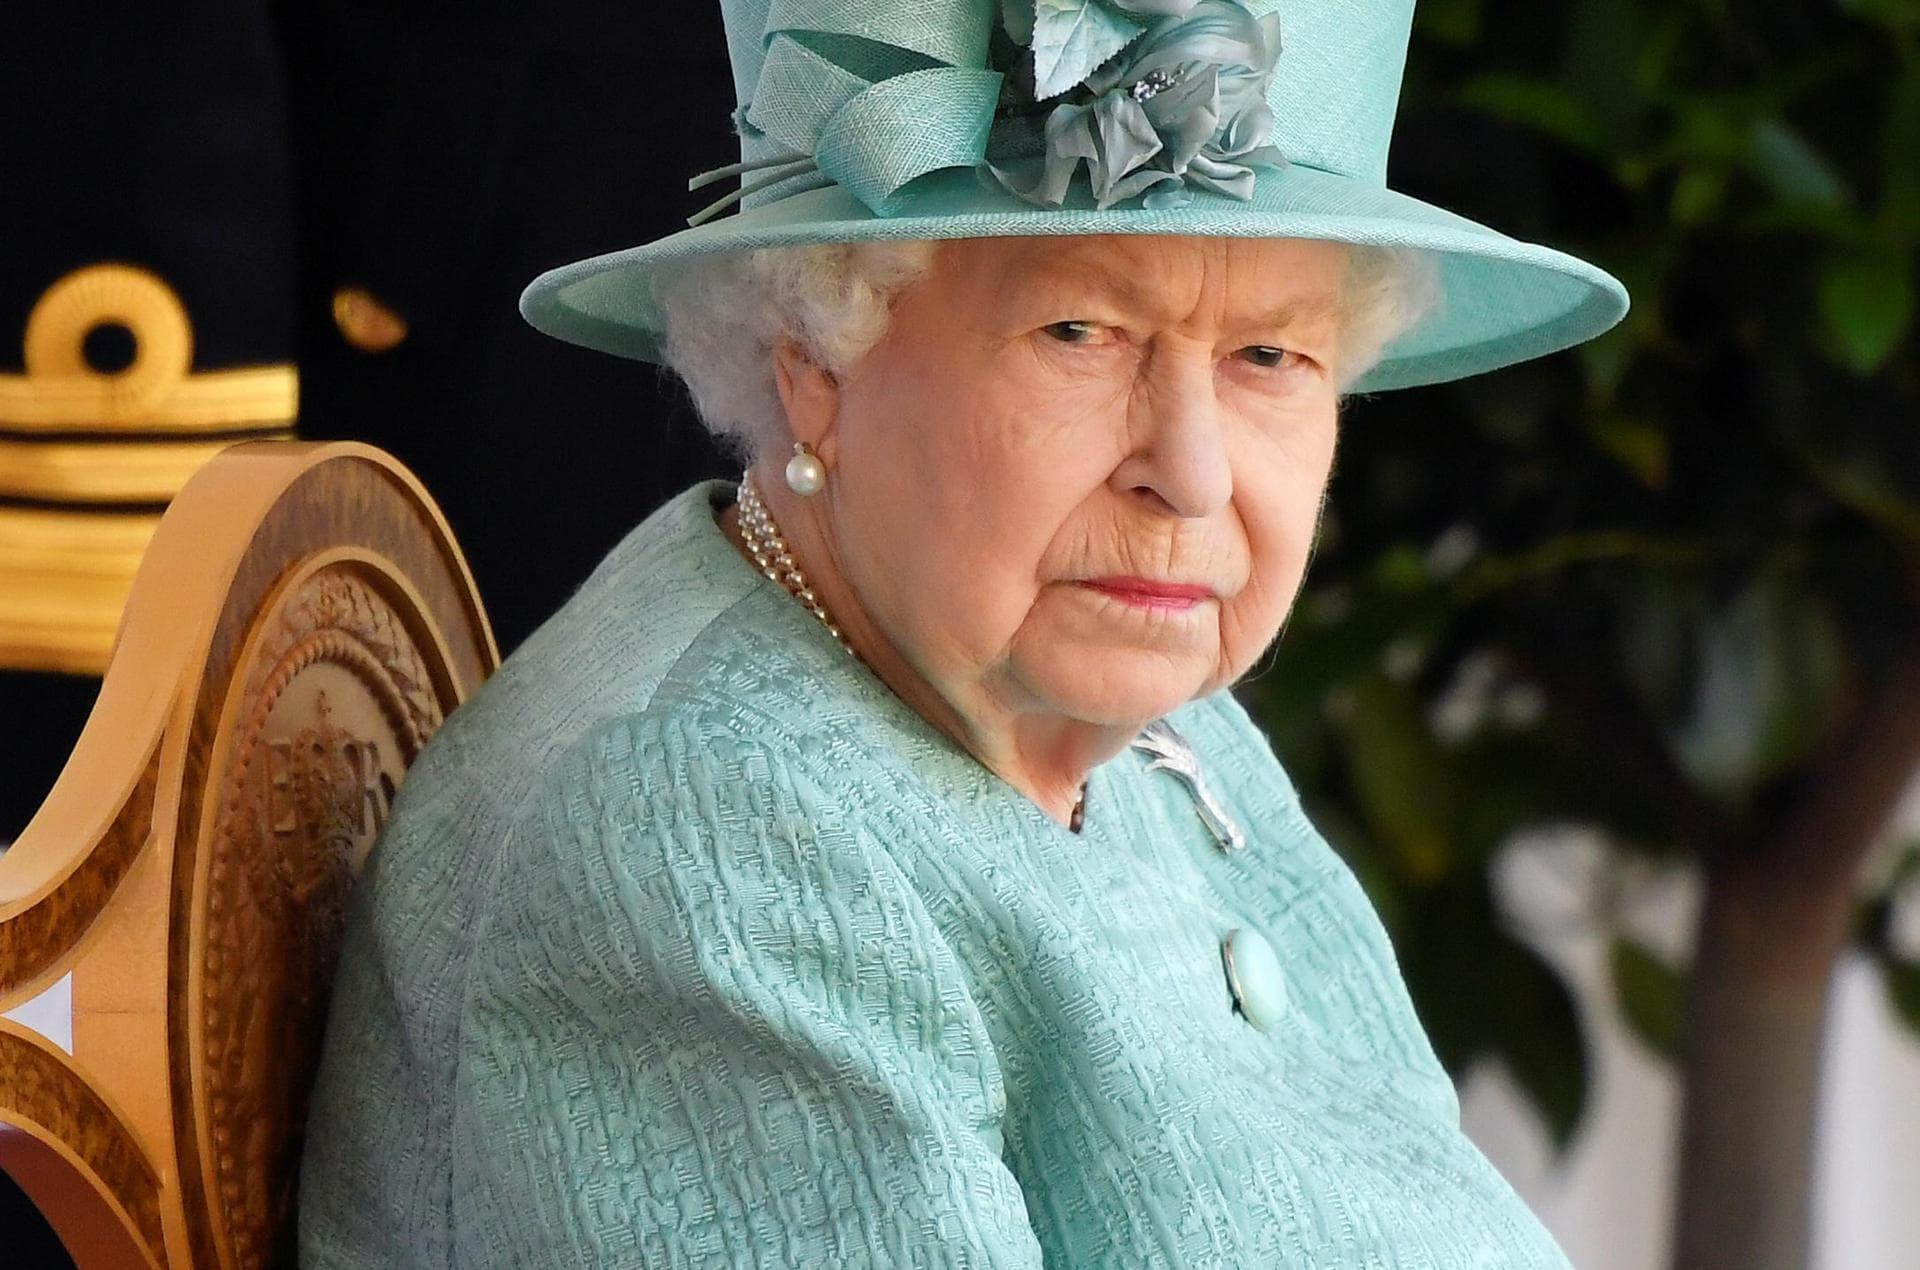 Ohne Prinz Philip: Wie schwer ist der Verlust für die Queen? Britische Royals